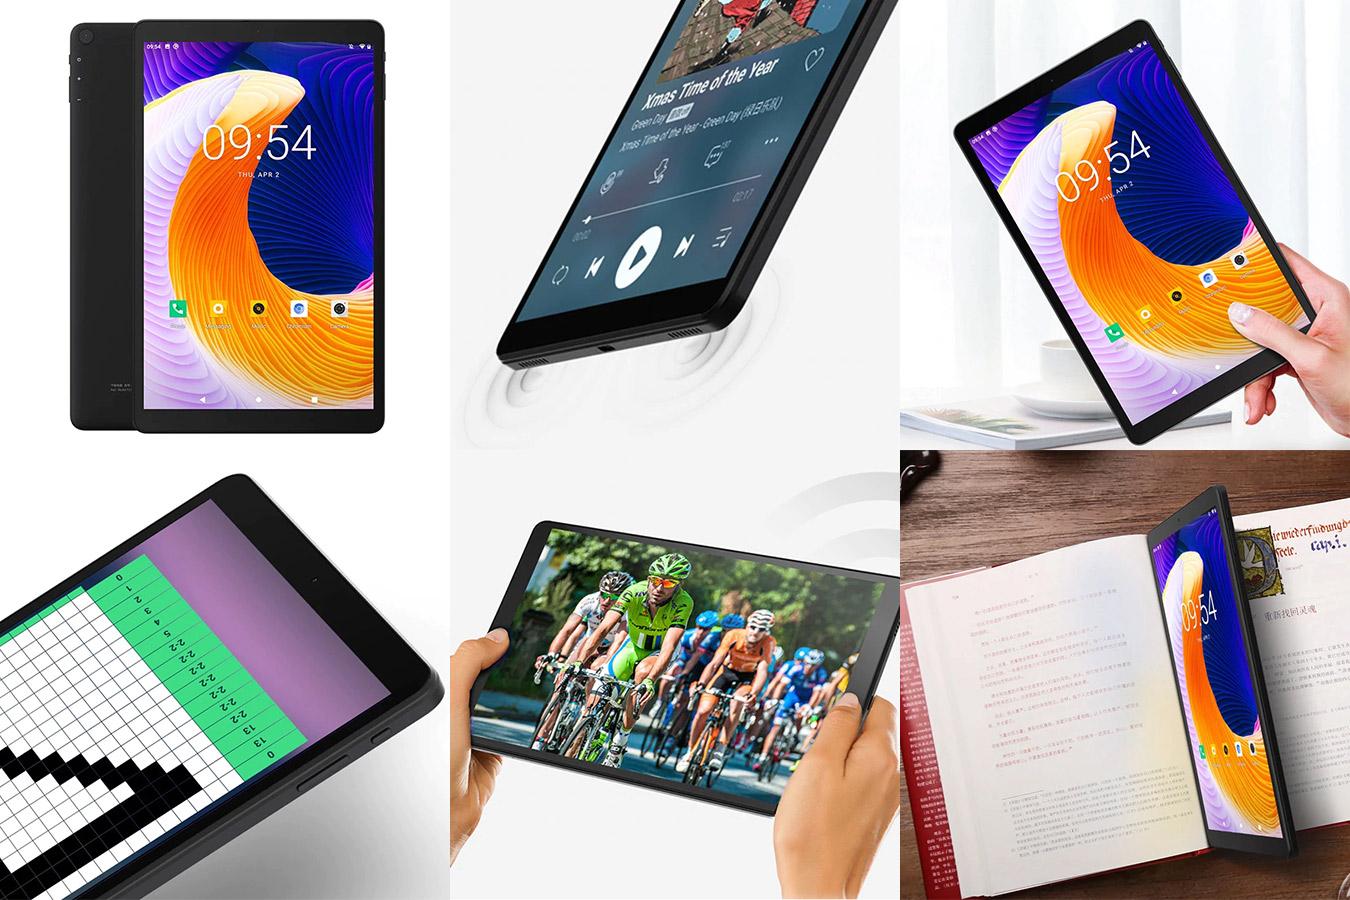 Ультратонкий планшет с алиэкспресс